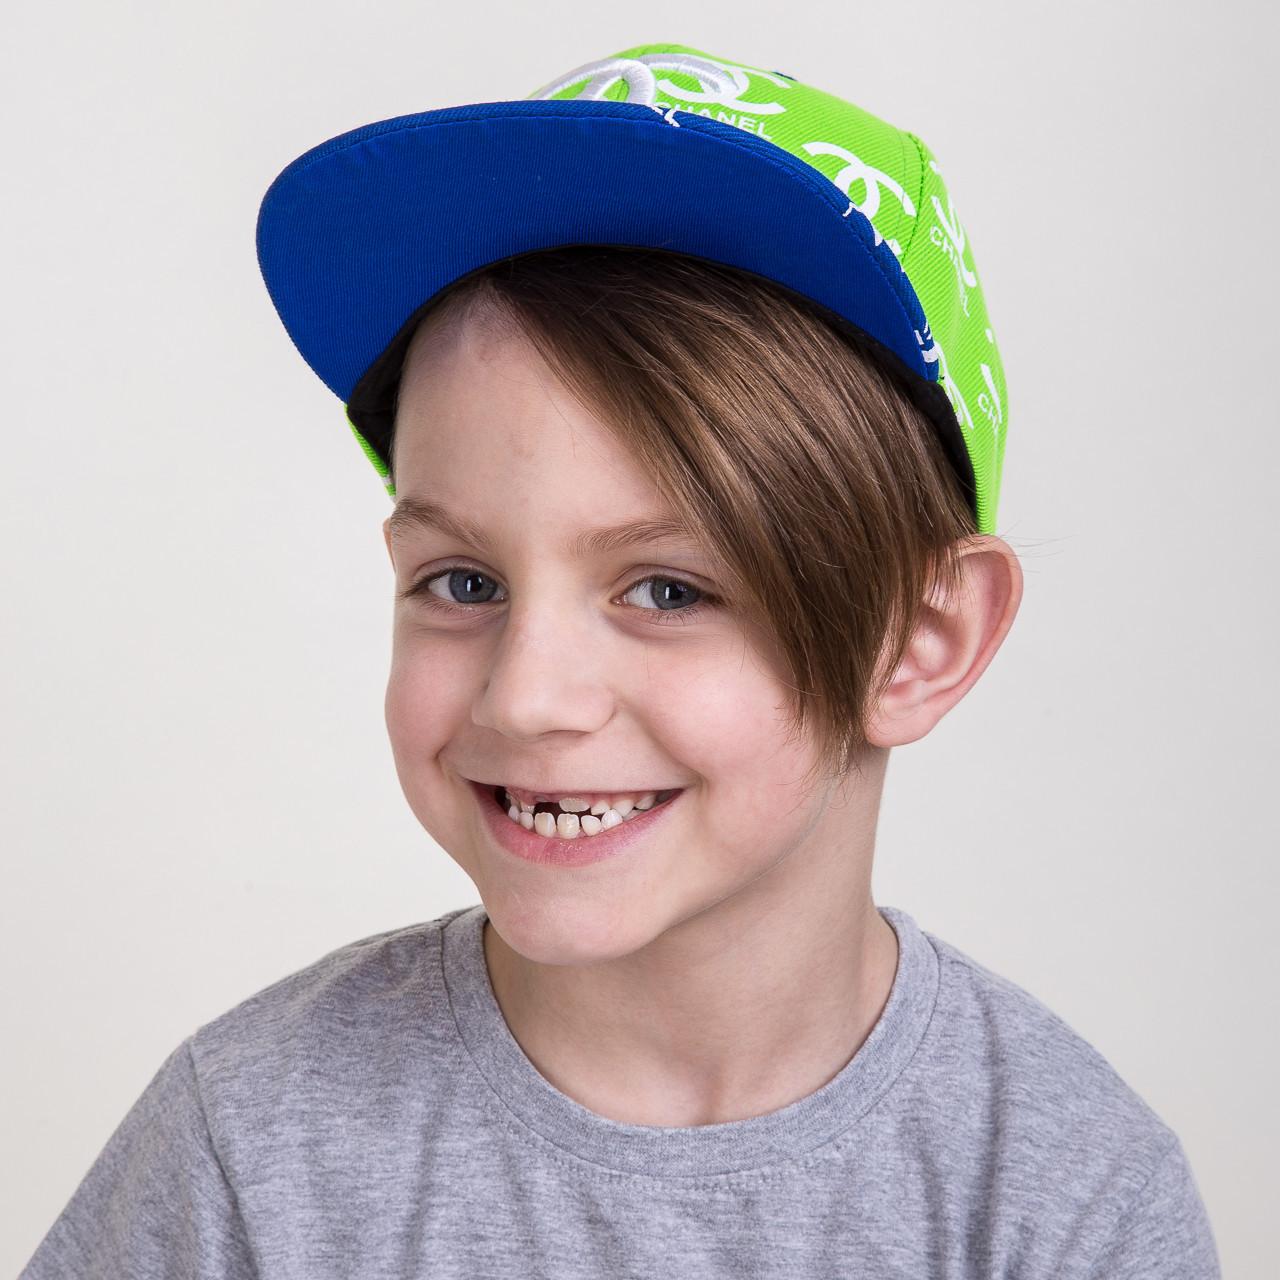 Кепка реперская Snapback для мальчика - CHANEL - Б19 1